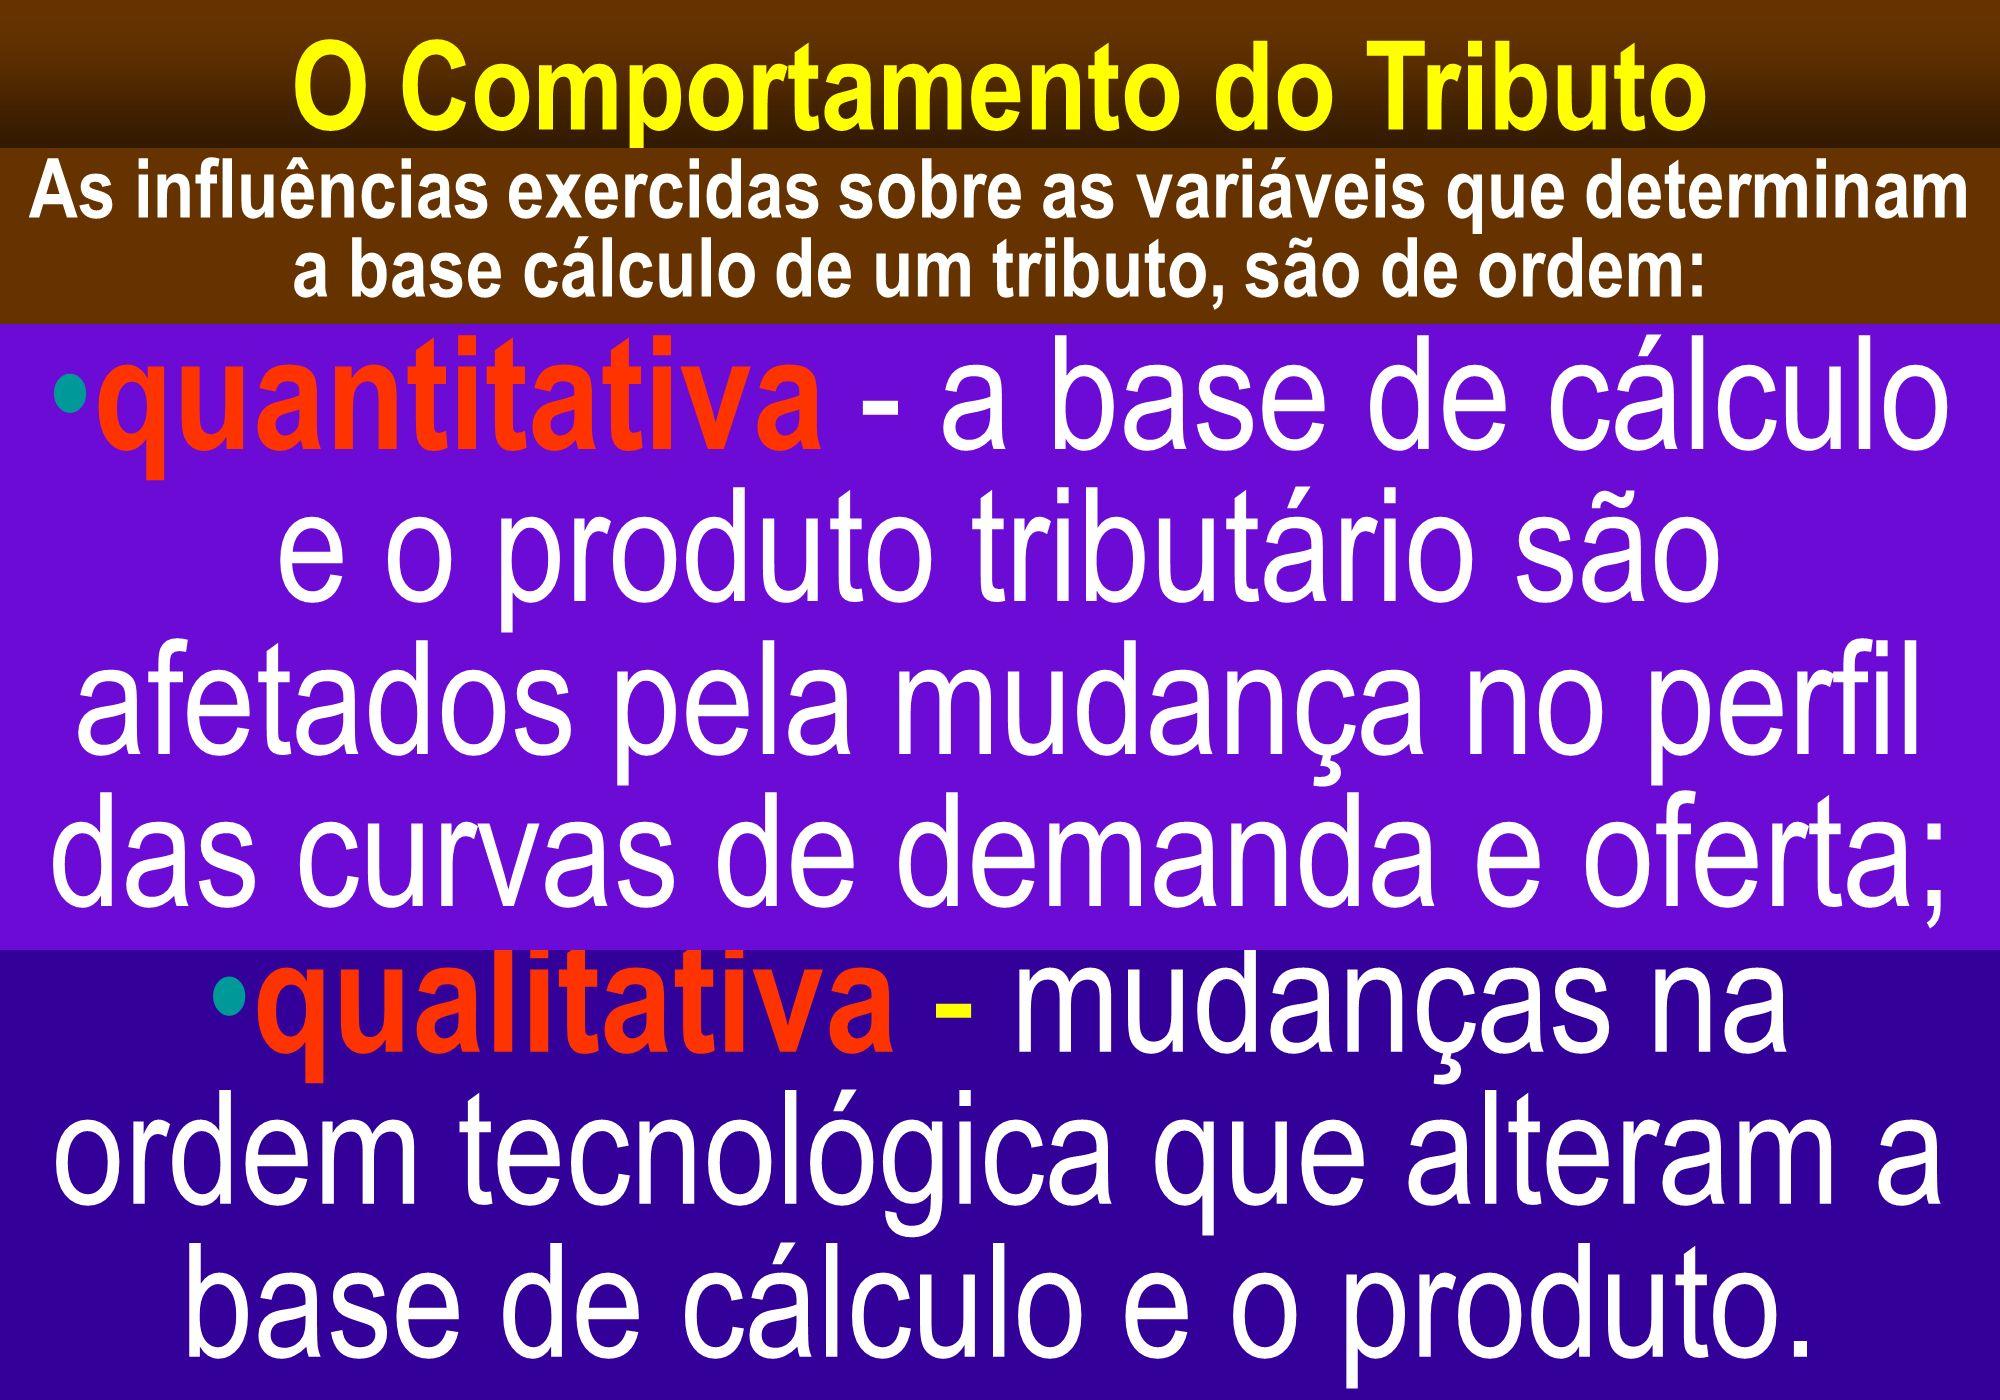 O Comportamento do Tributo As influências exercidas sobre as variáveis que determinam a base cálculo de um tributo, são de ordem: qualitativa - mudanç